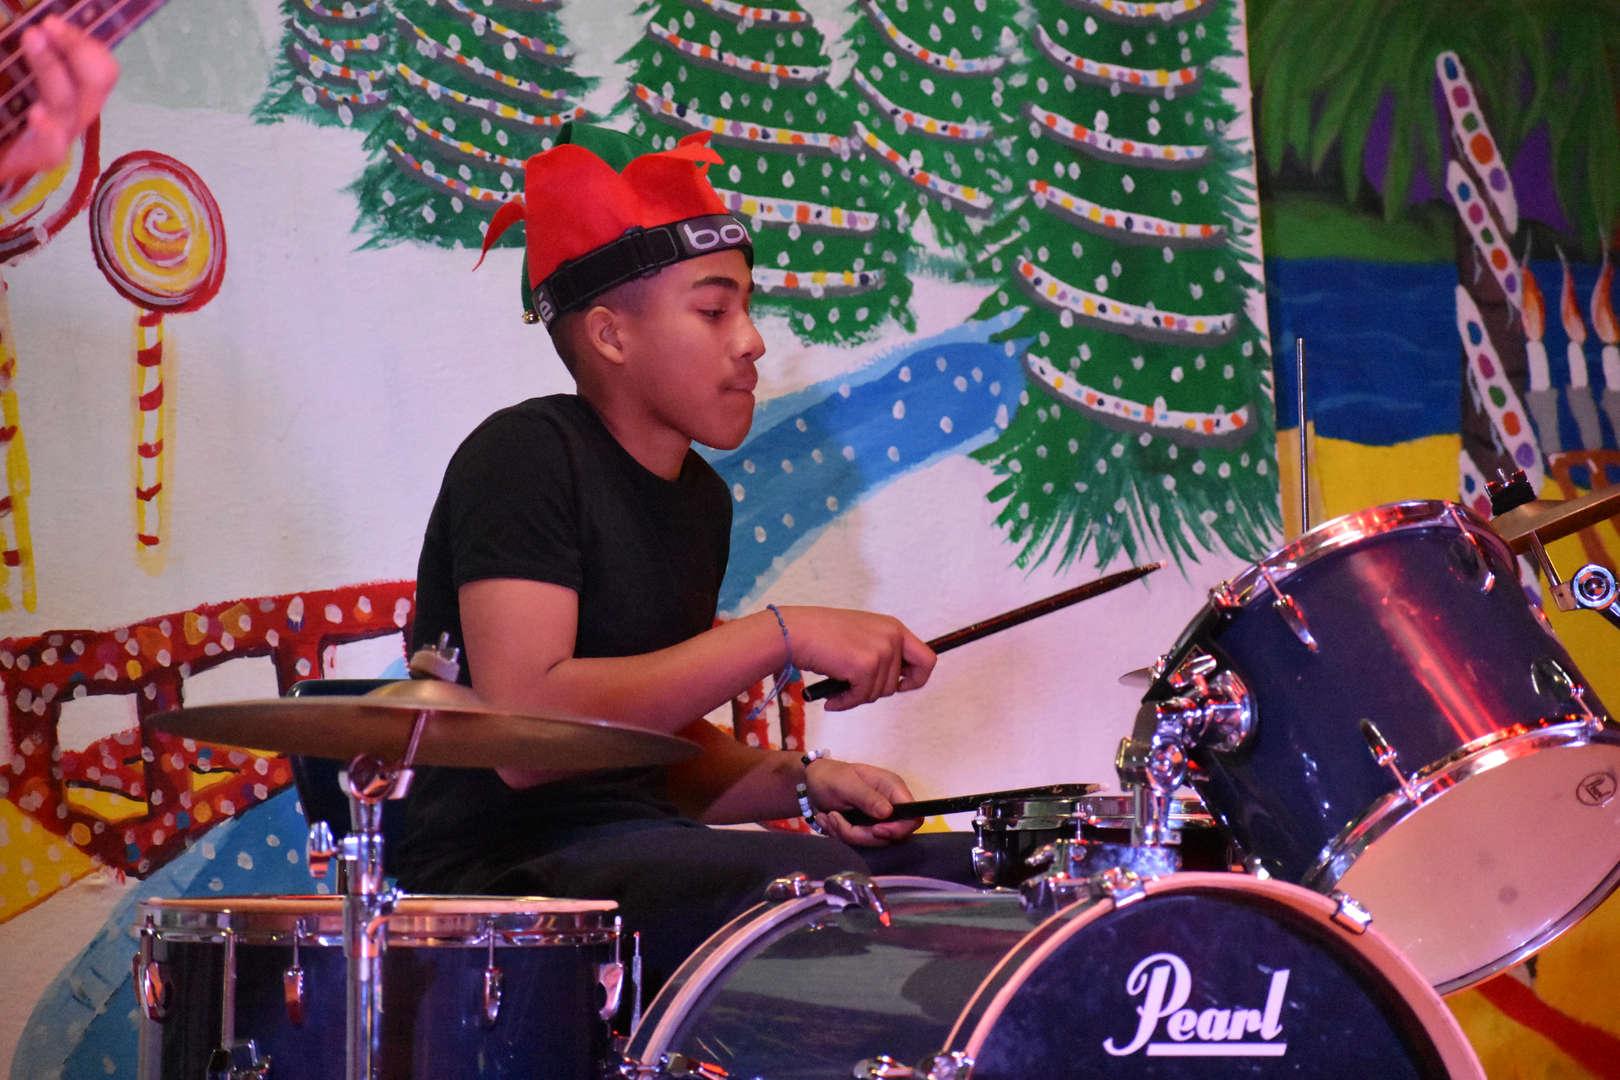 NSLA Rock Band drummer